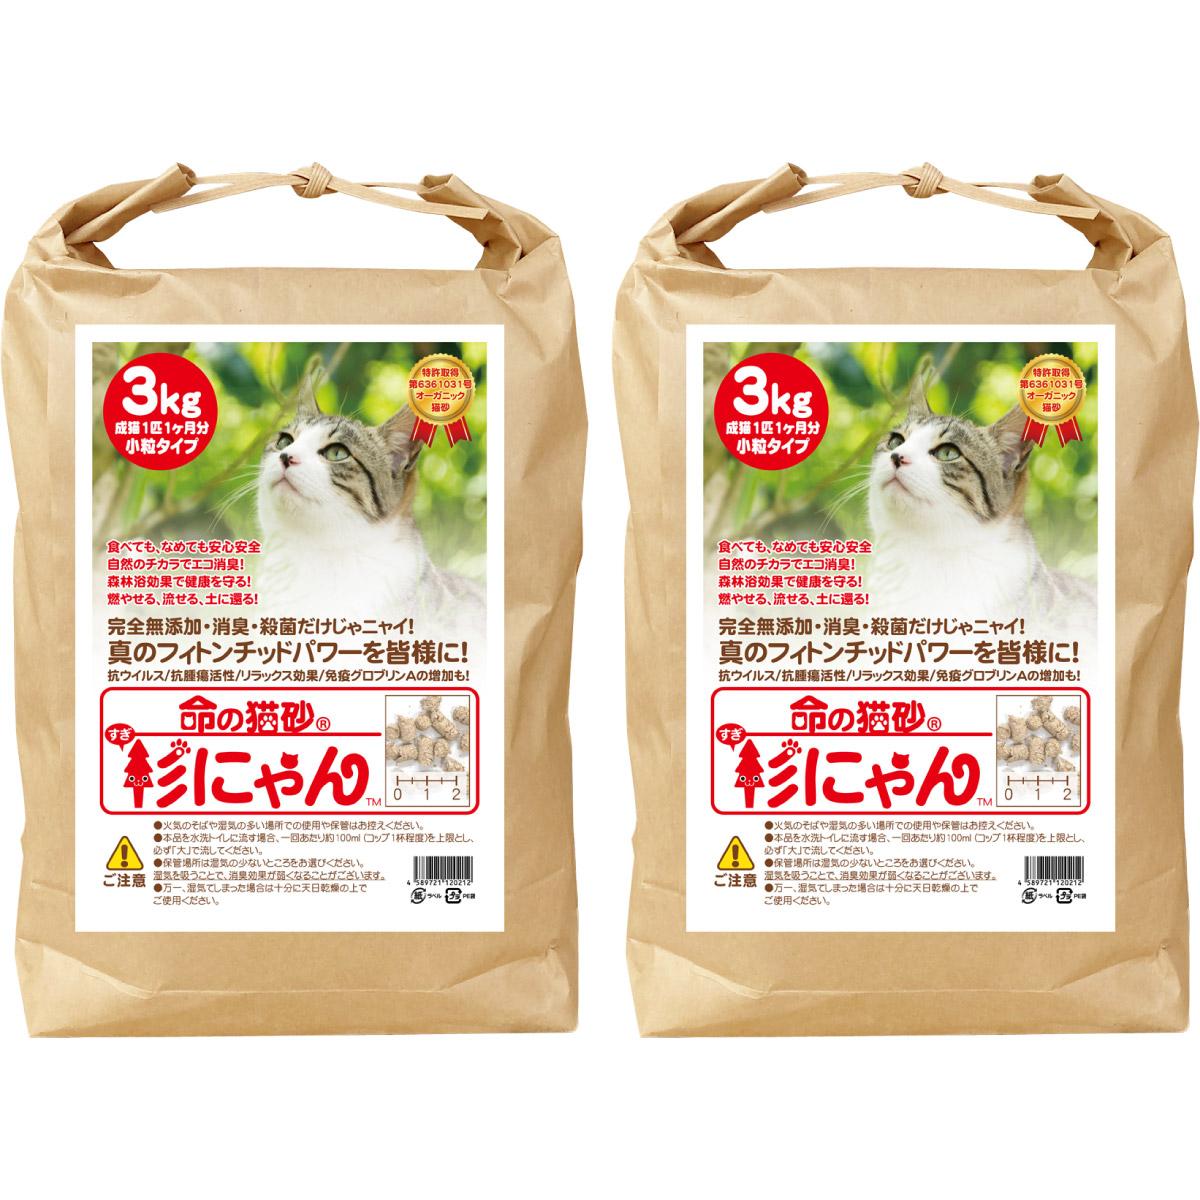 命の猫砂 杉にゃん 小粒タイプ 6kg/2袋